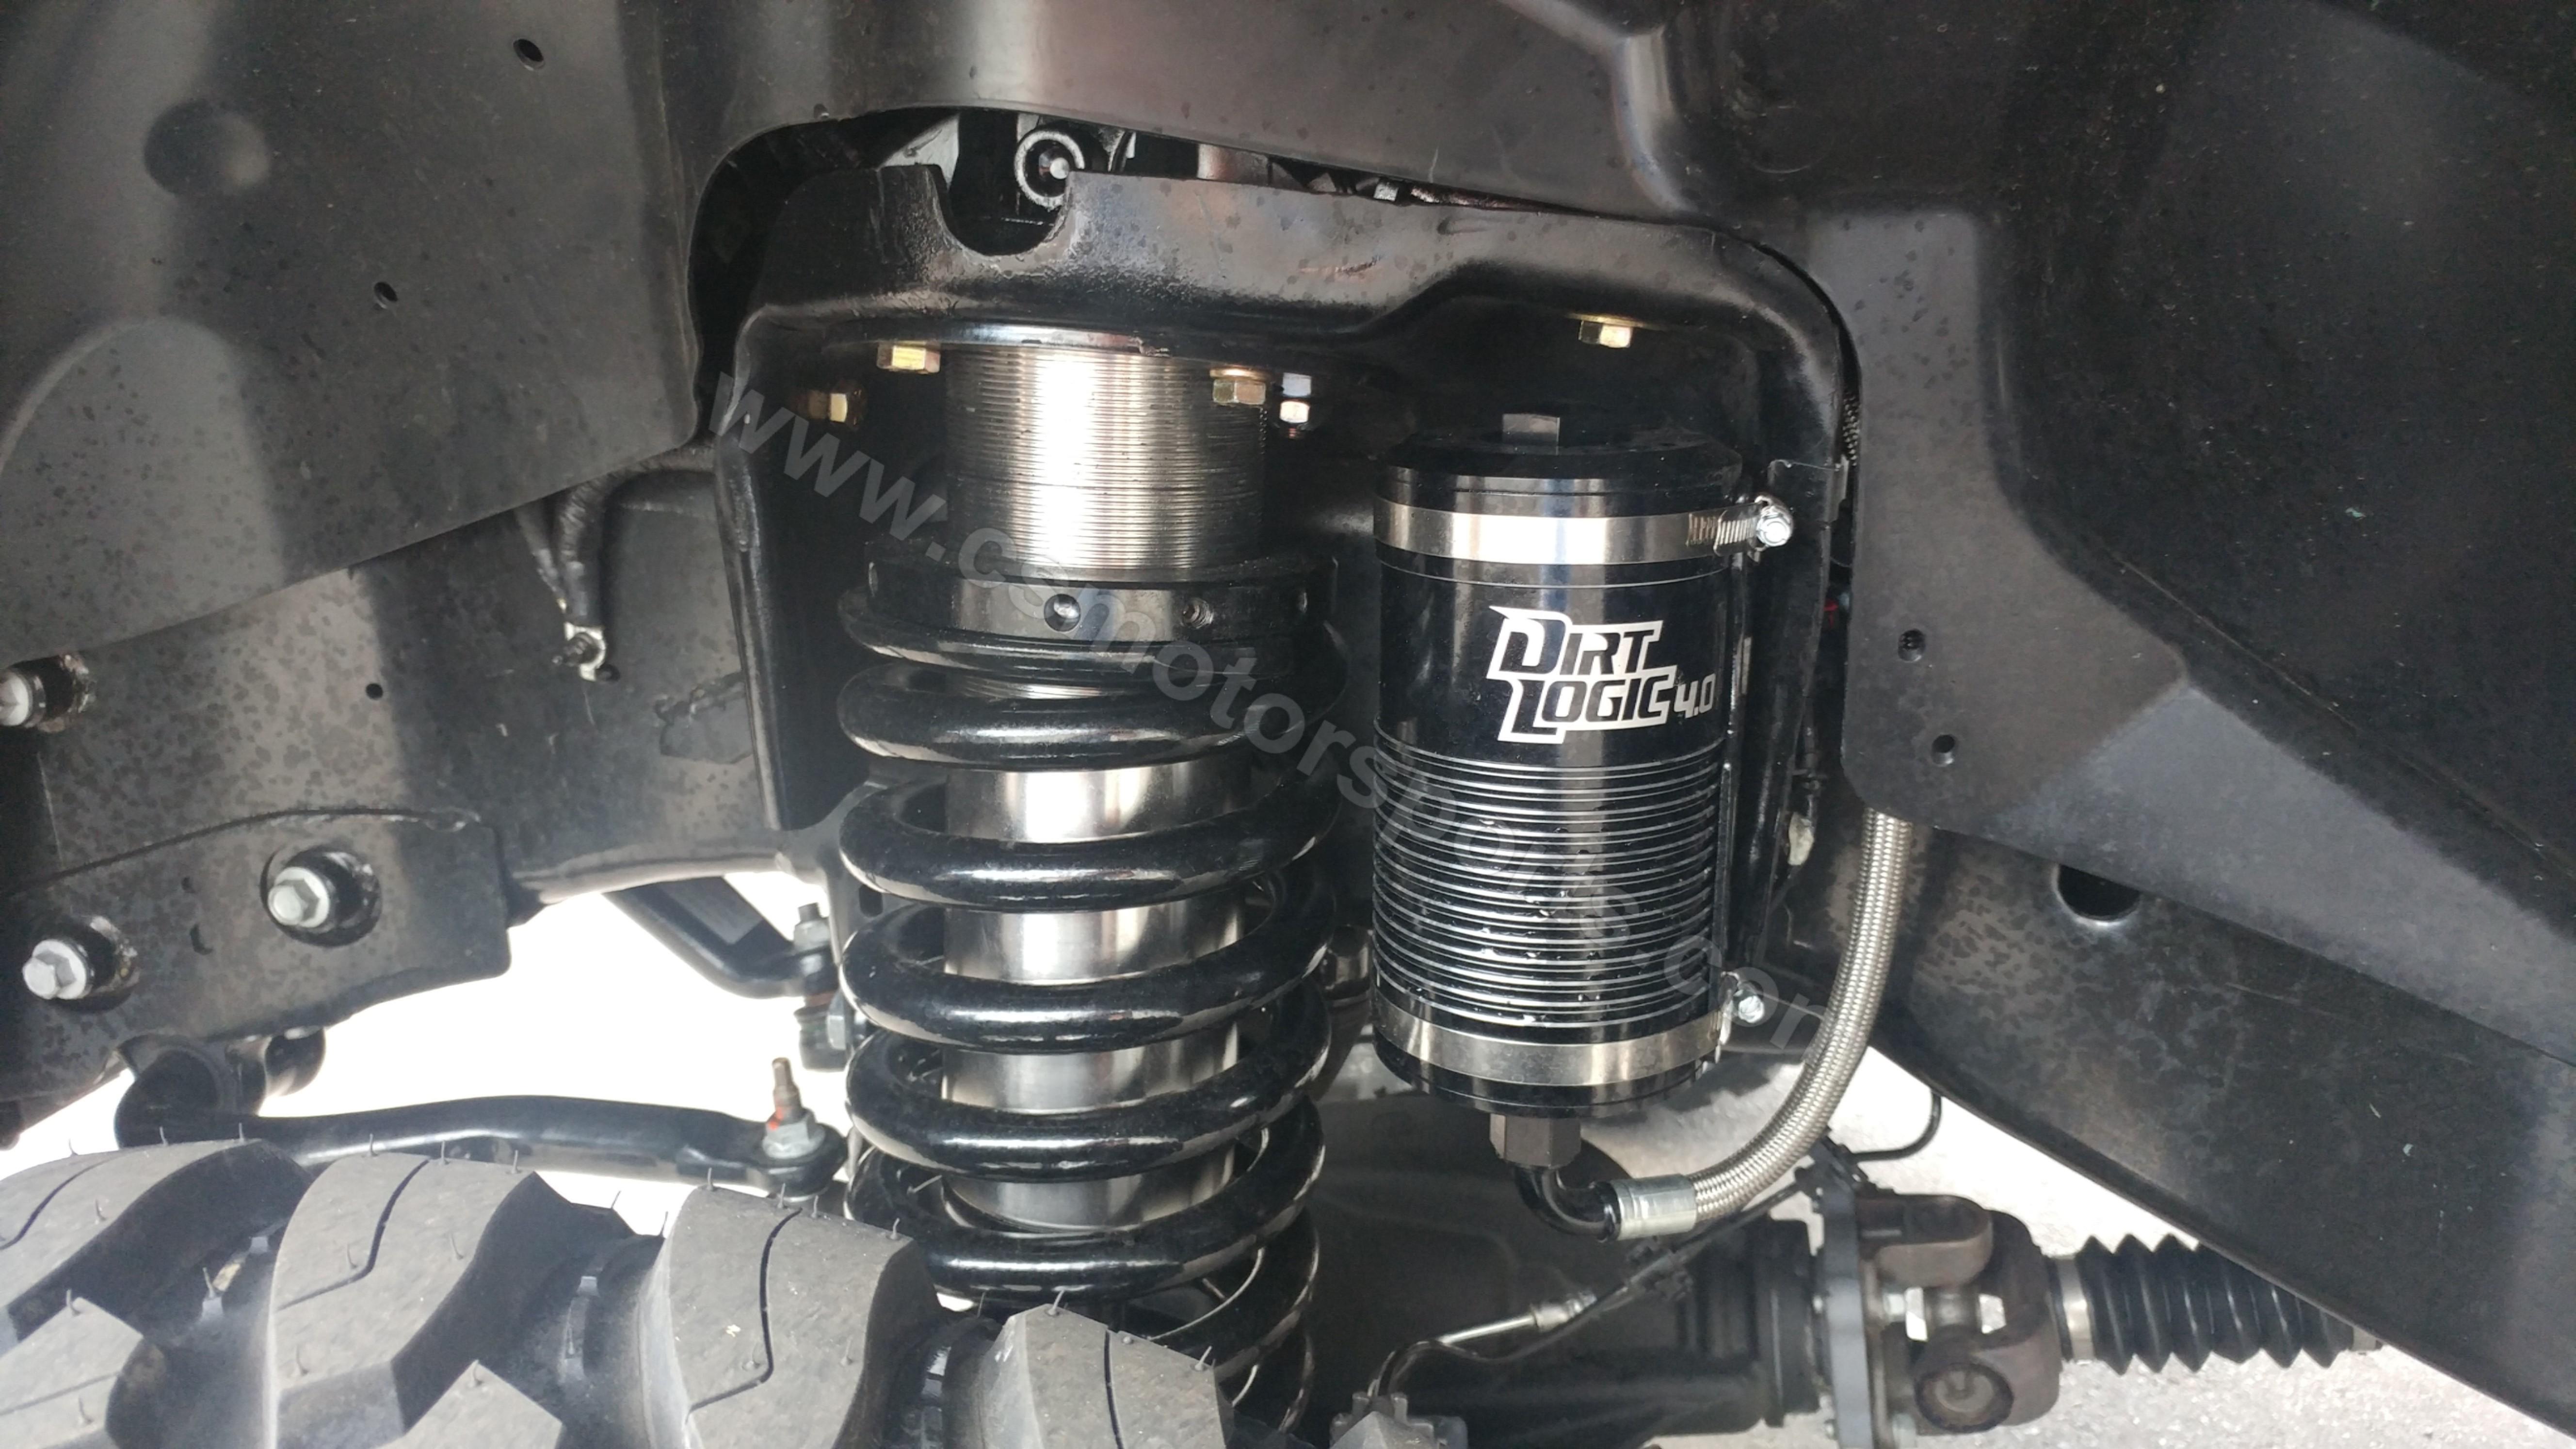 2016 RAM 2500HD Turbo Diesel